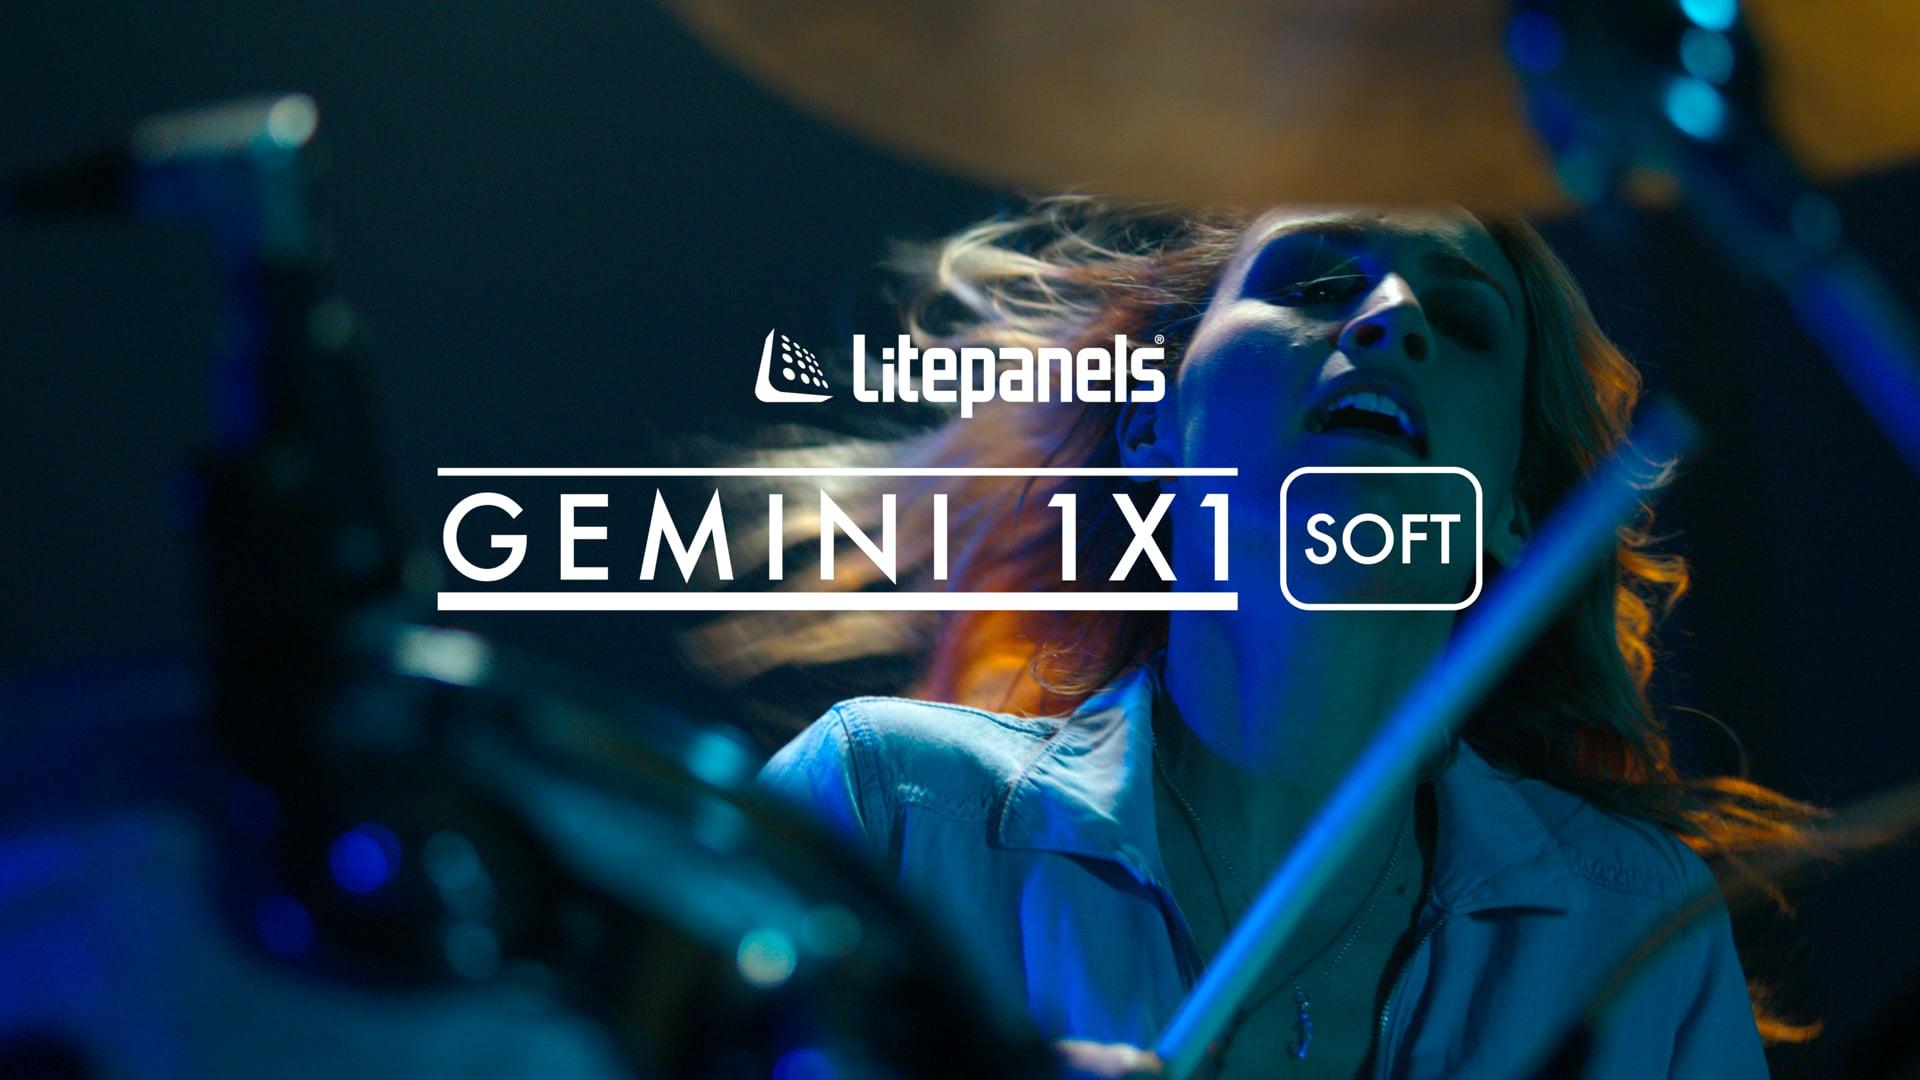 Litepanels Gemini 1X1